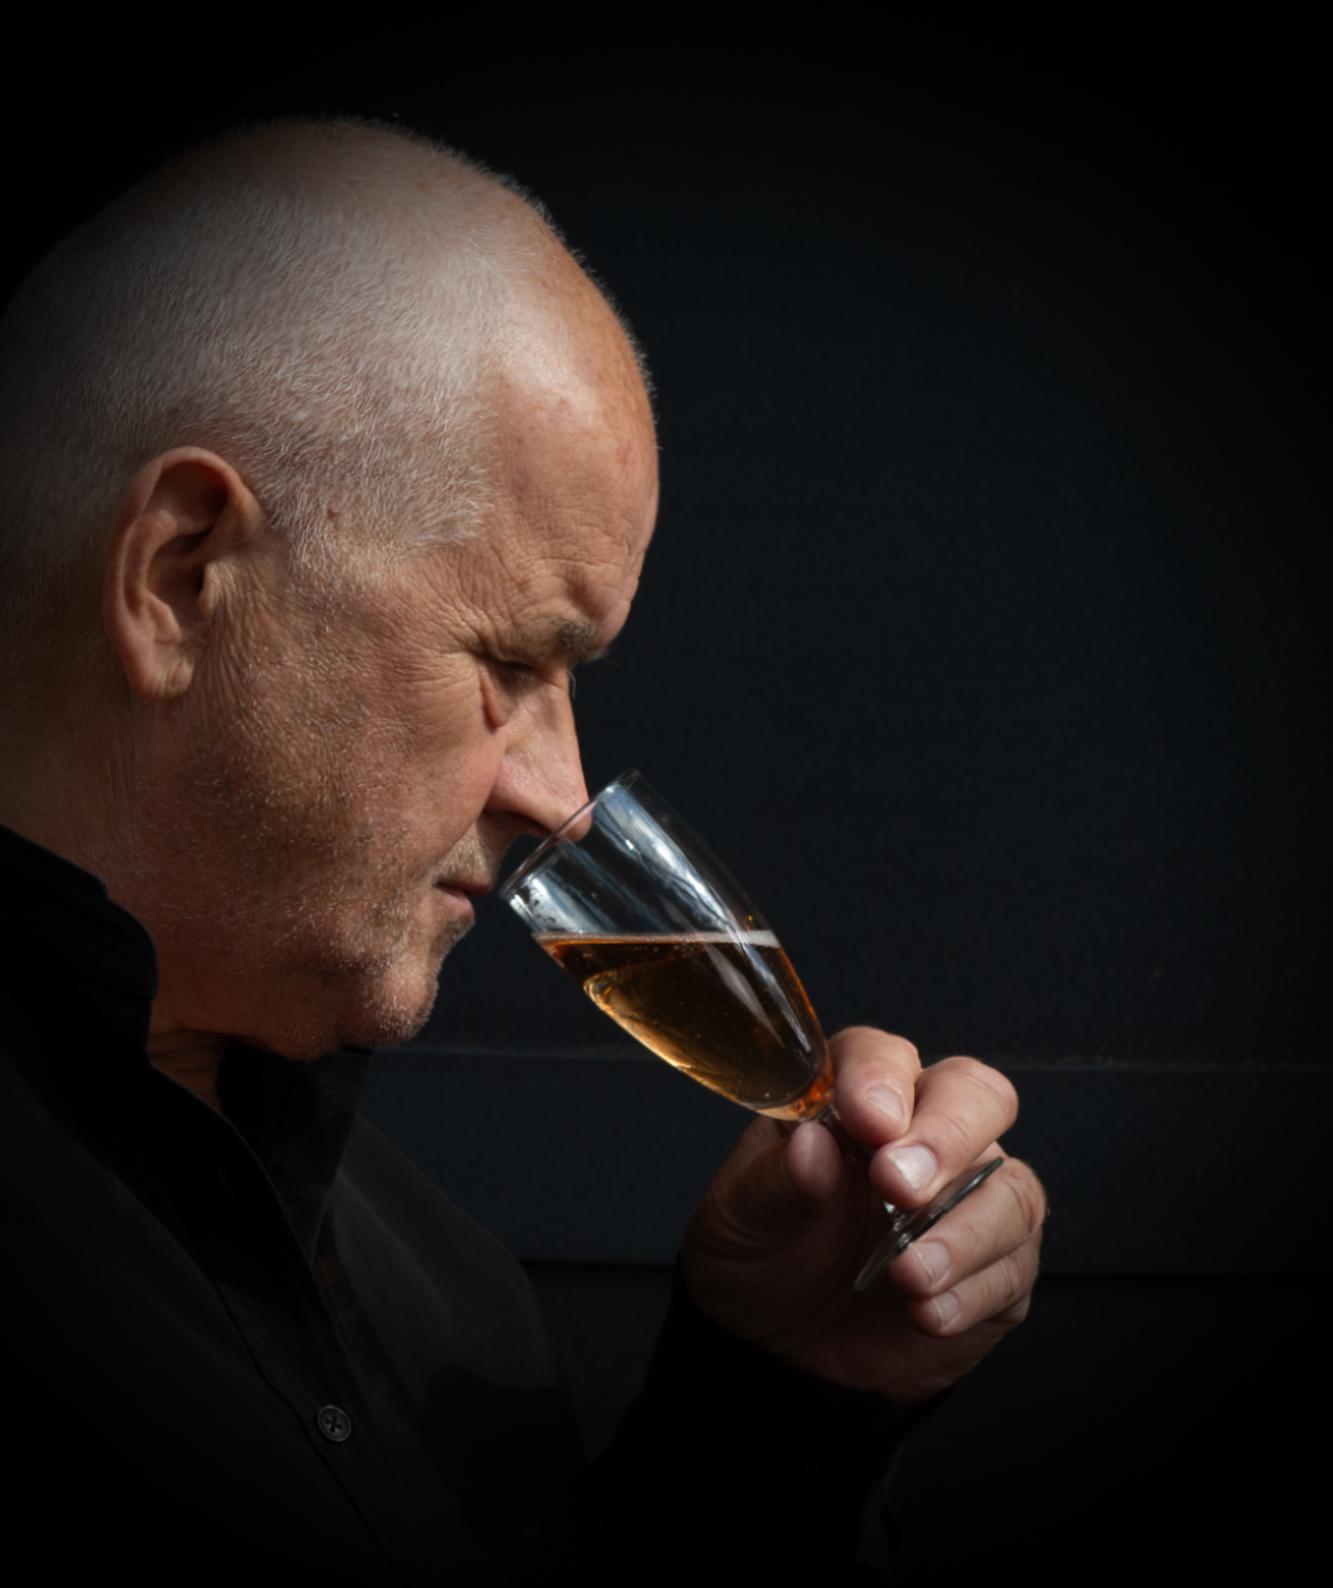 Markus Petrig, vigneron artisan-créateur et barrique de pinot noir